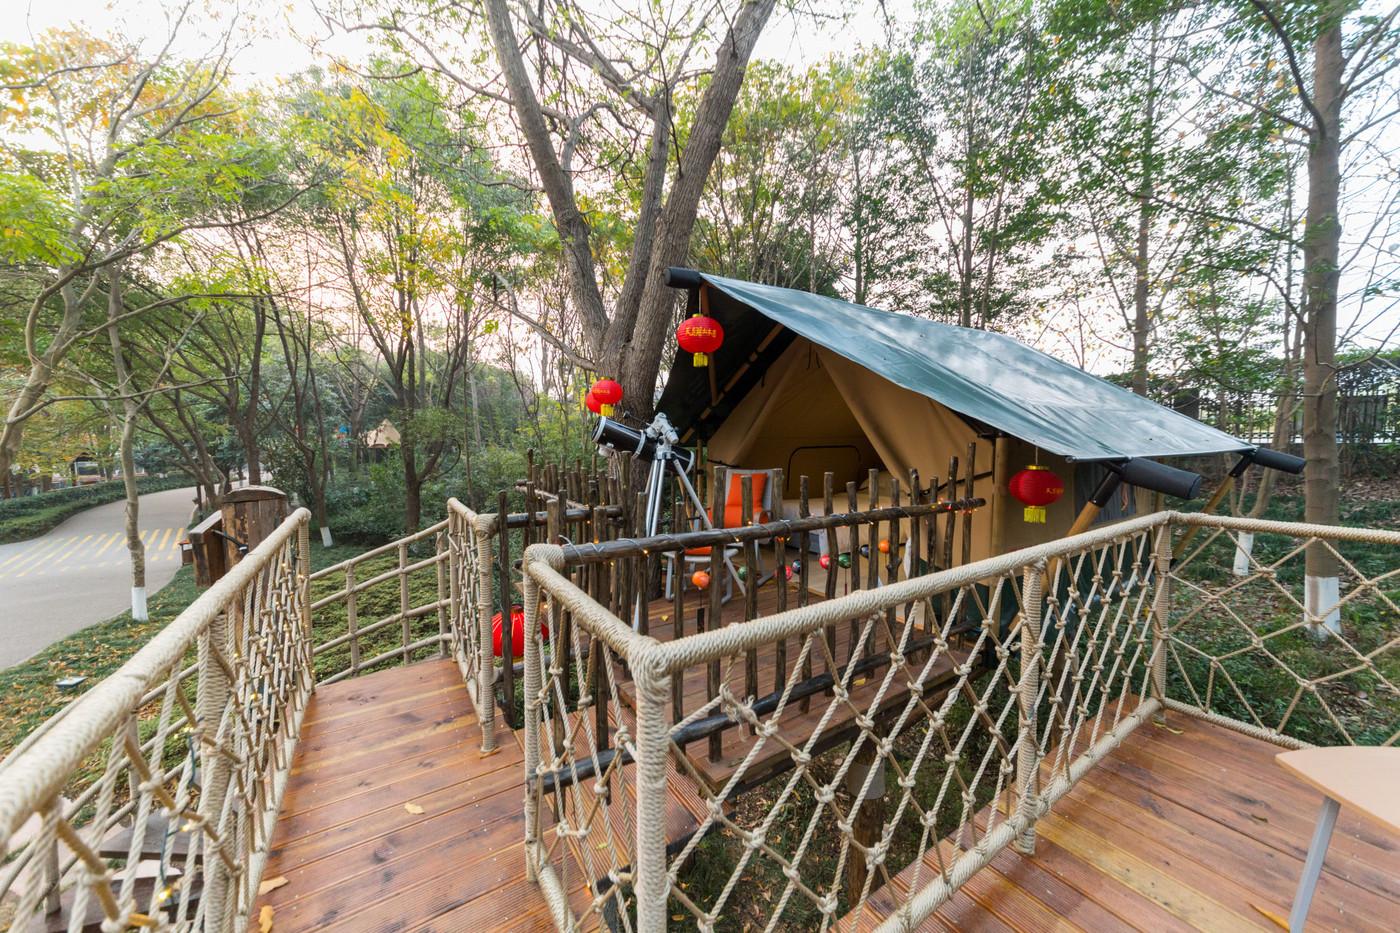 喜马拉雅野奢帐篷酒店—江苏常州天目湖树屋11